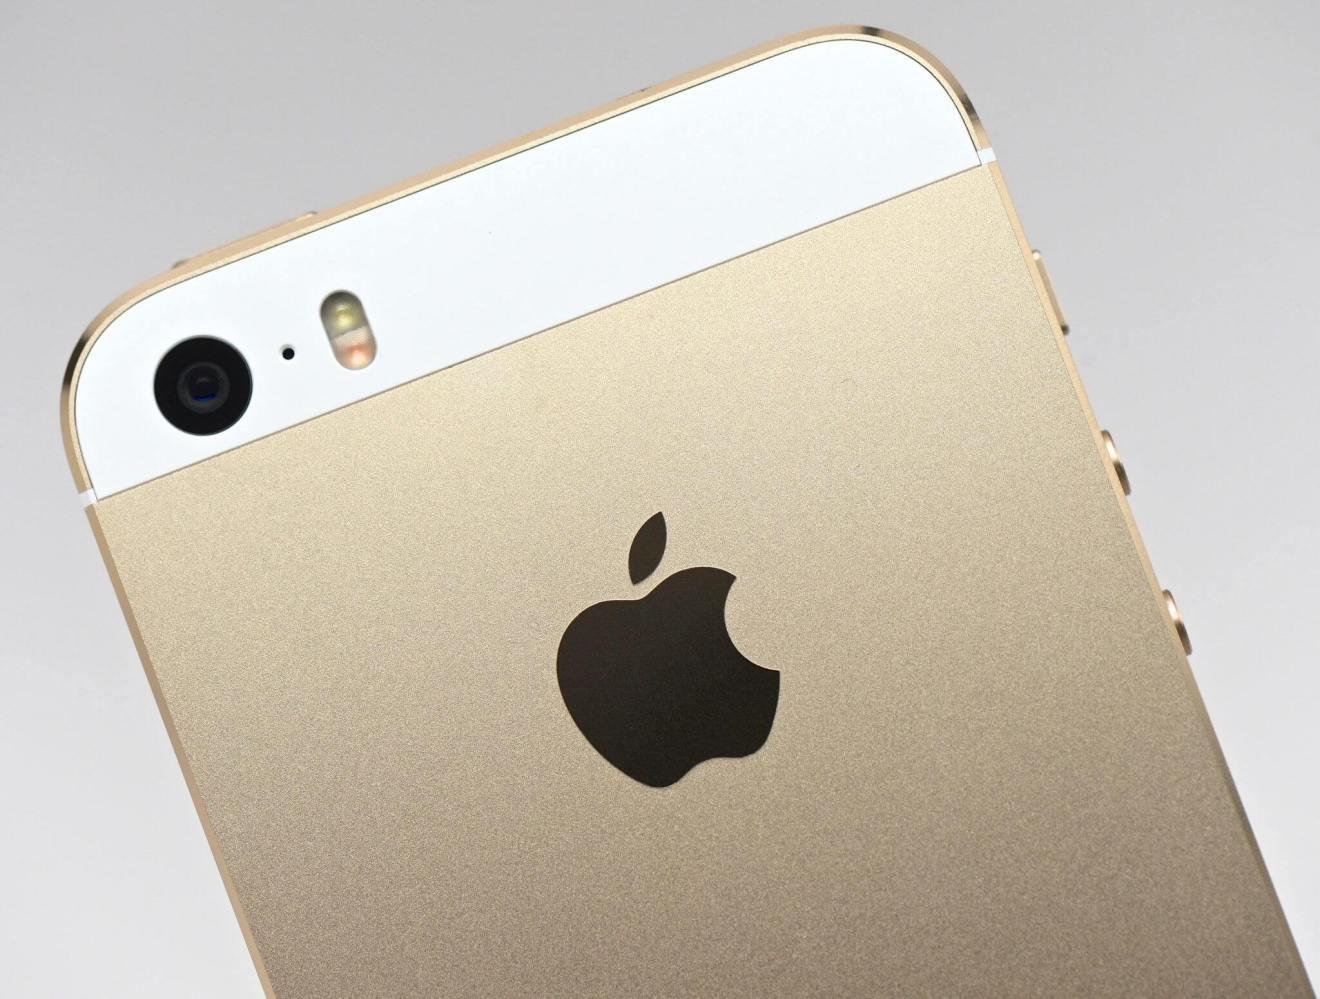 iphone 5s review gold white 52 - Pesquisa de Harvard indica que Apple deixa iPhones antigos mais lentos para vender novos aparelhos